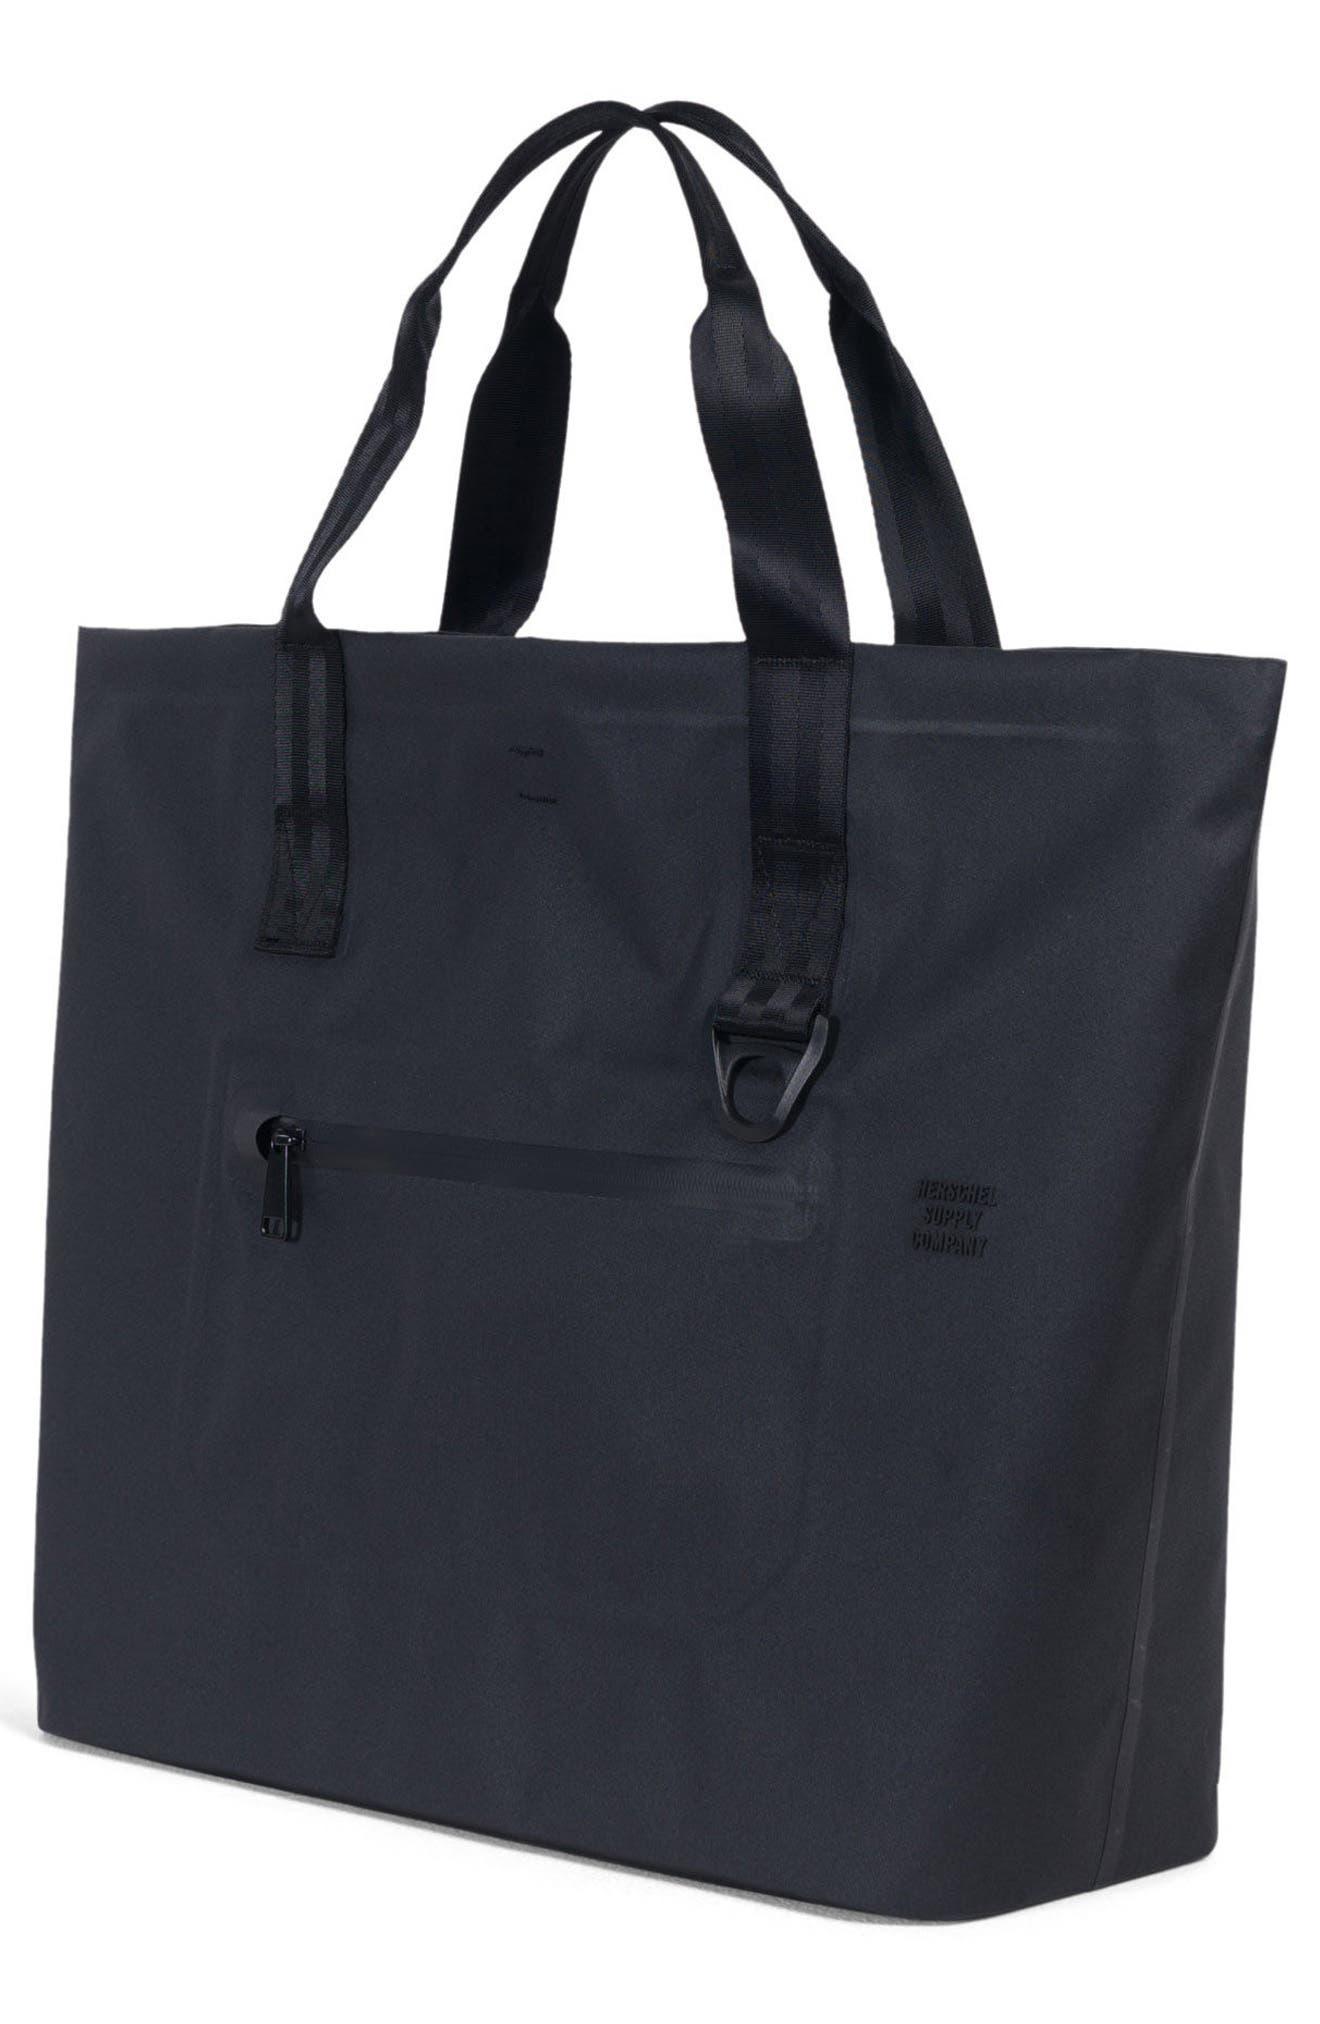 Tarpaulin Alexander Studio Tote Bag,                             Alternate thumbnail 3, color,                             Black